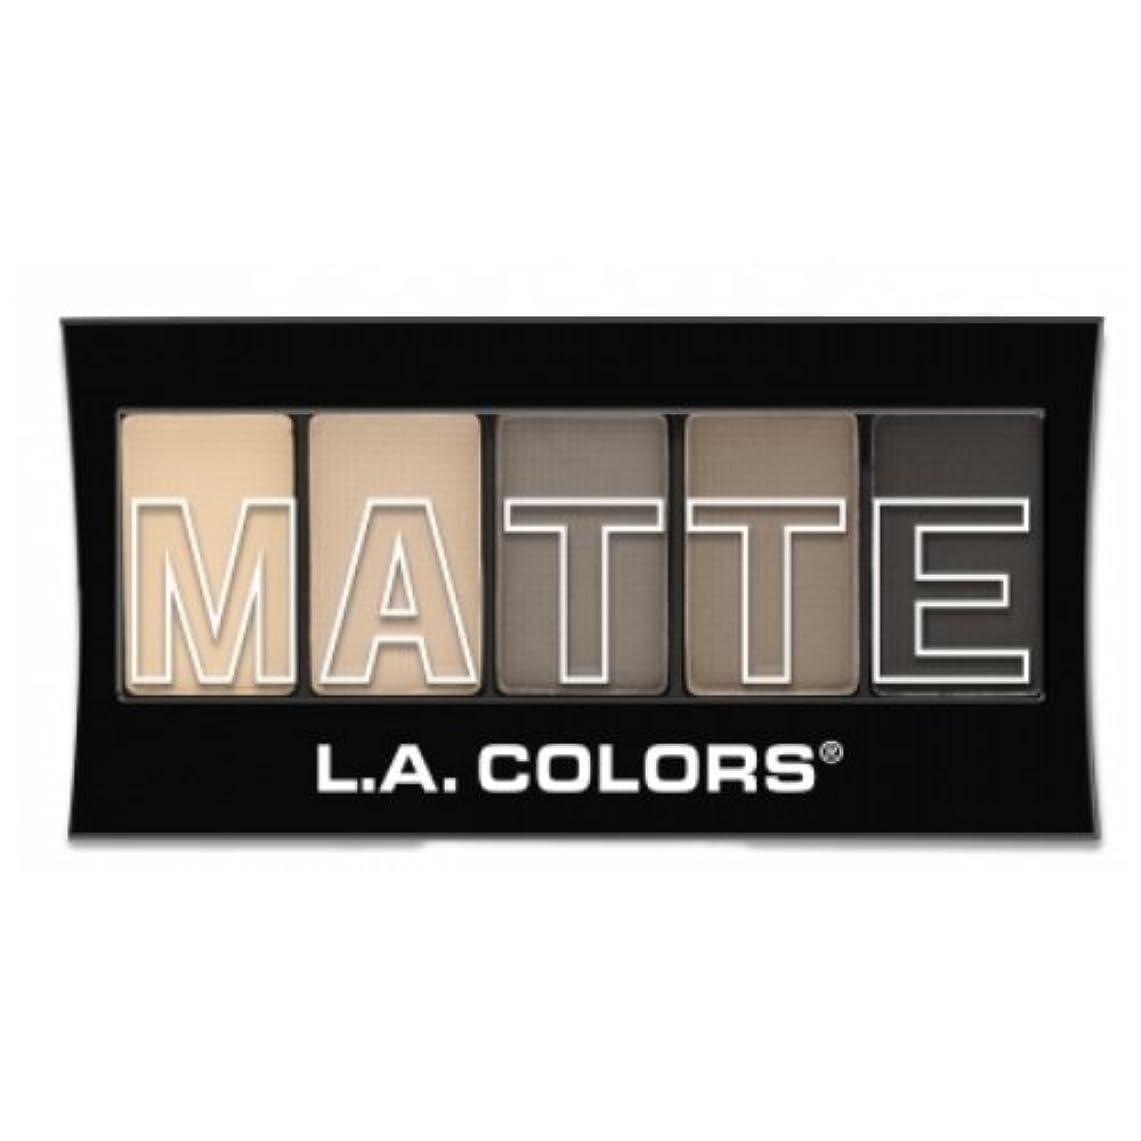 自発的安全でない連想(3 Pack) L.A. Colors Matte Eyeshadow - Nude Suede (並行輸入品)